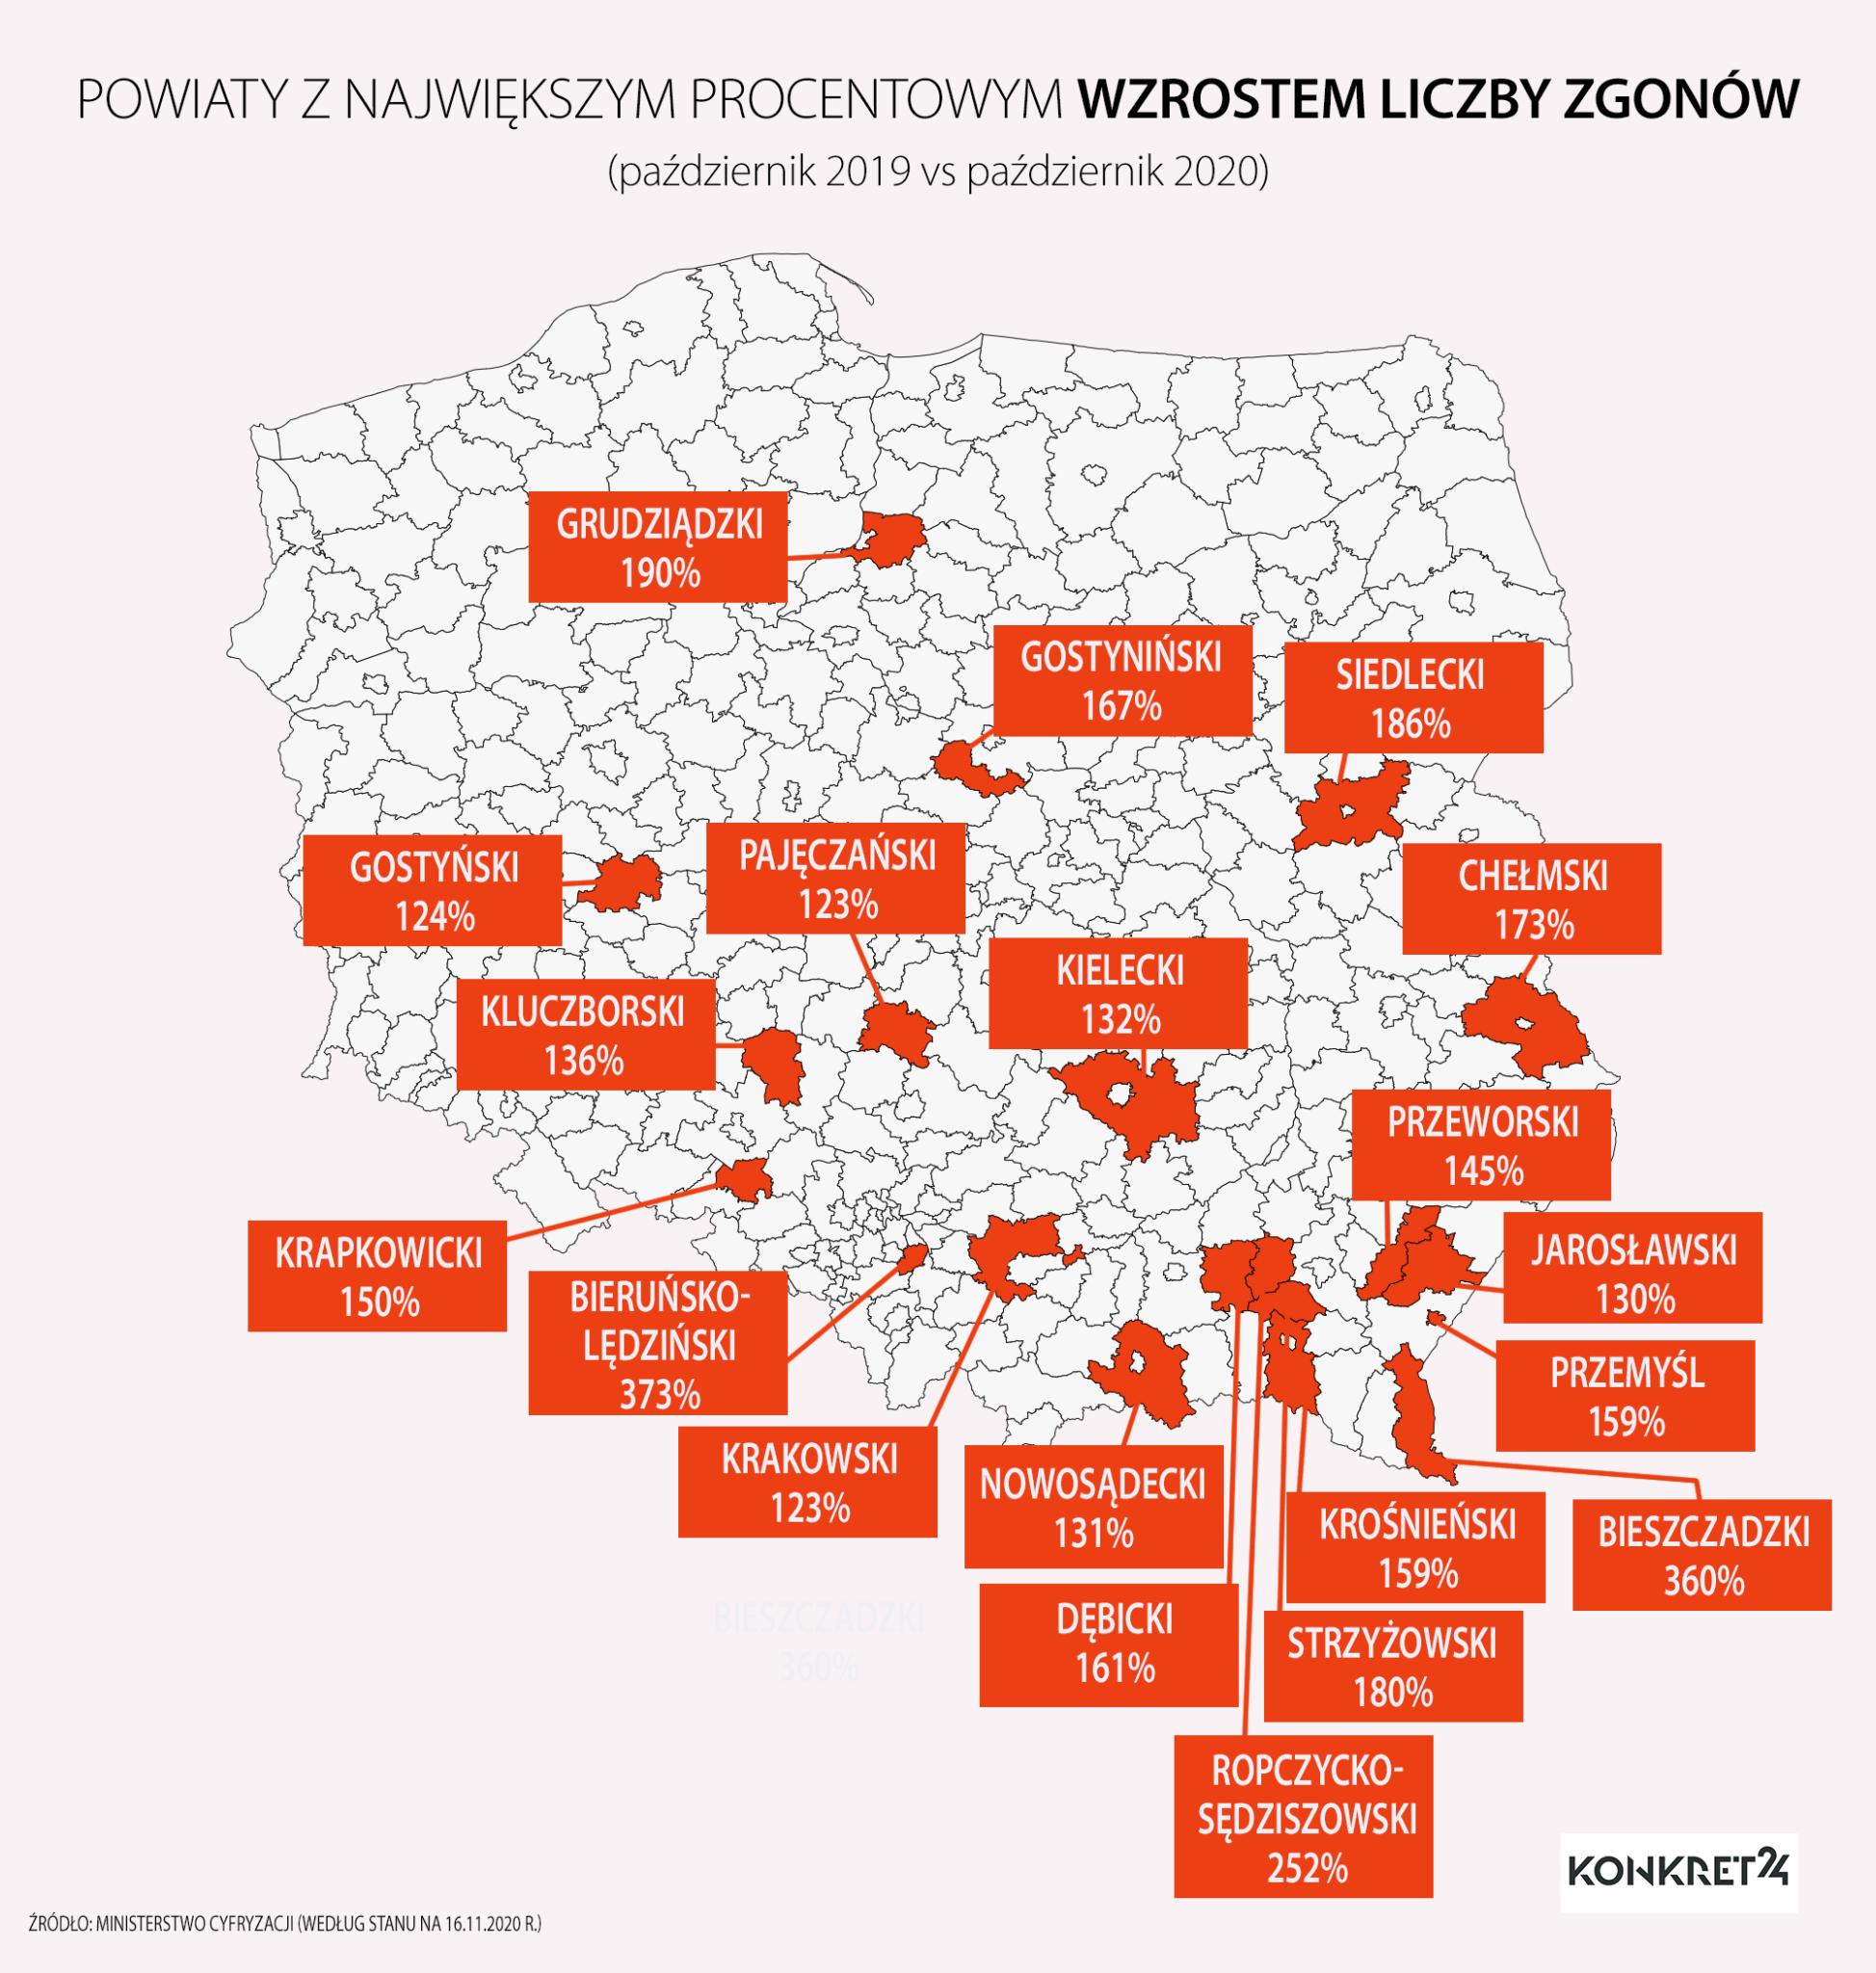 Powiaty z największym procentowym wzrostem liczby zgonów: październik 2019 vs październik 2020